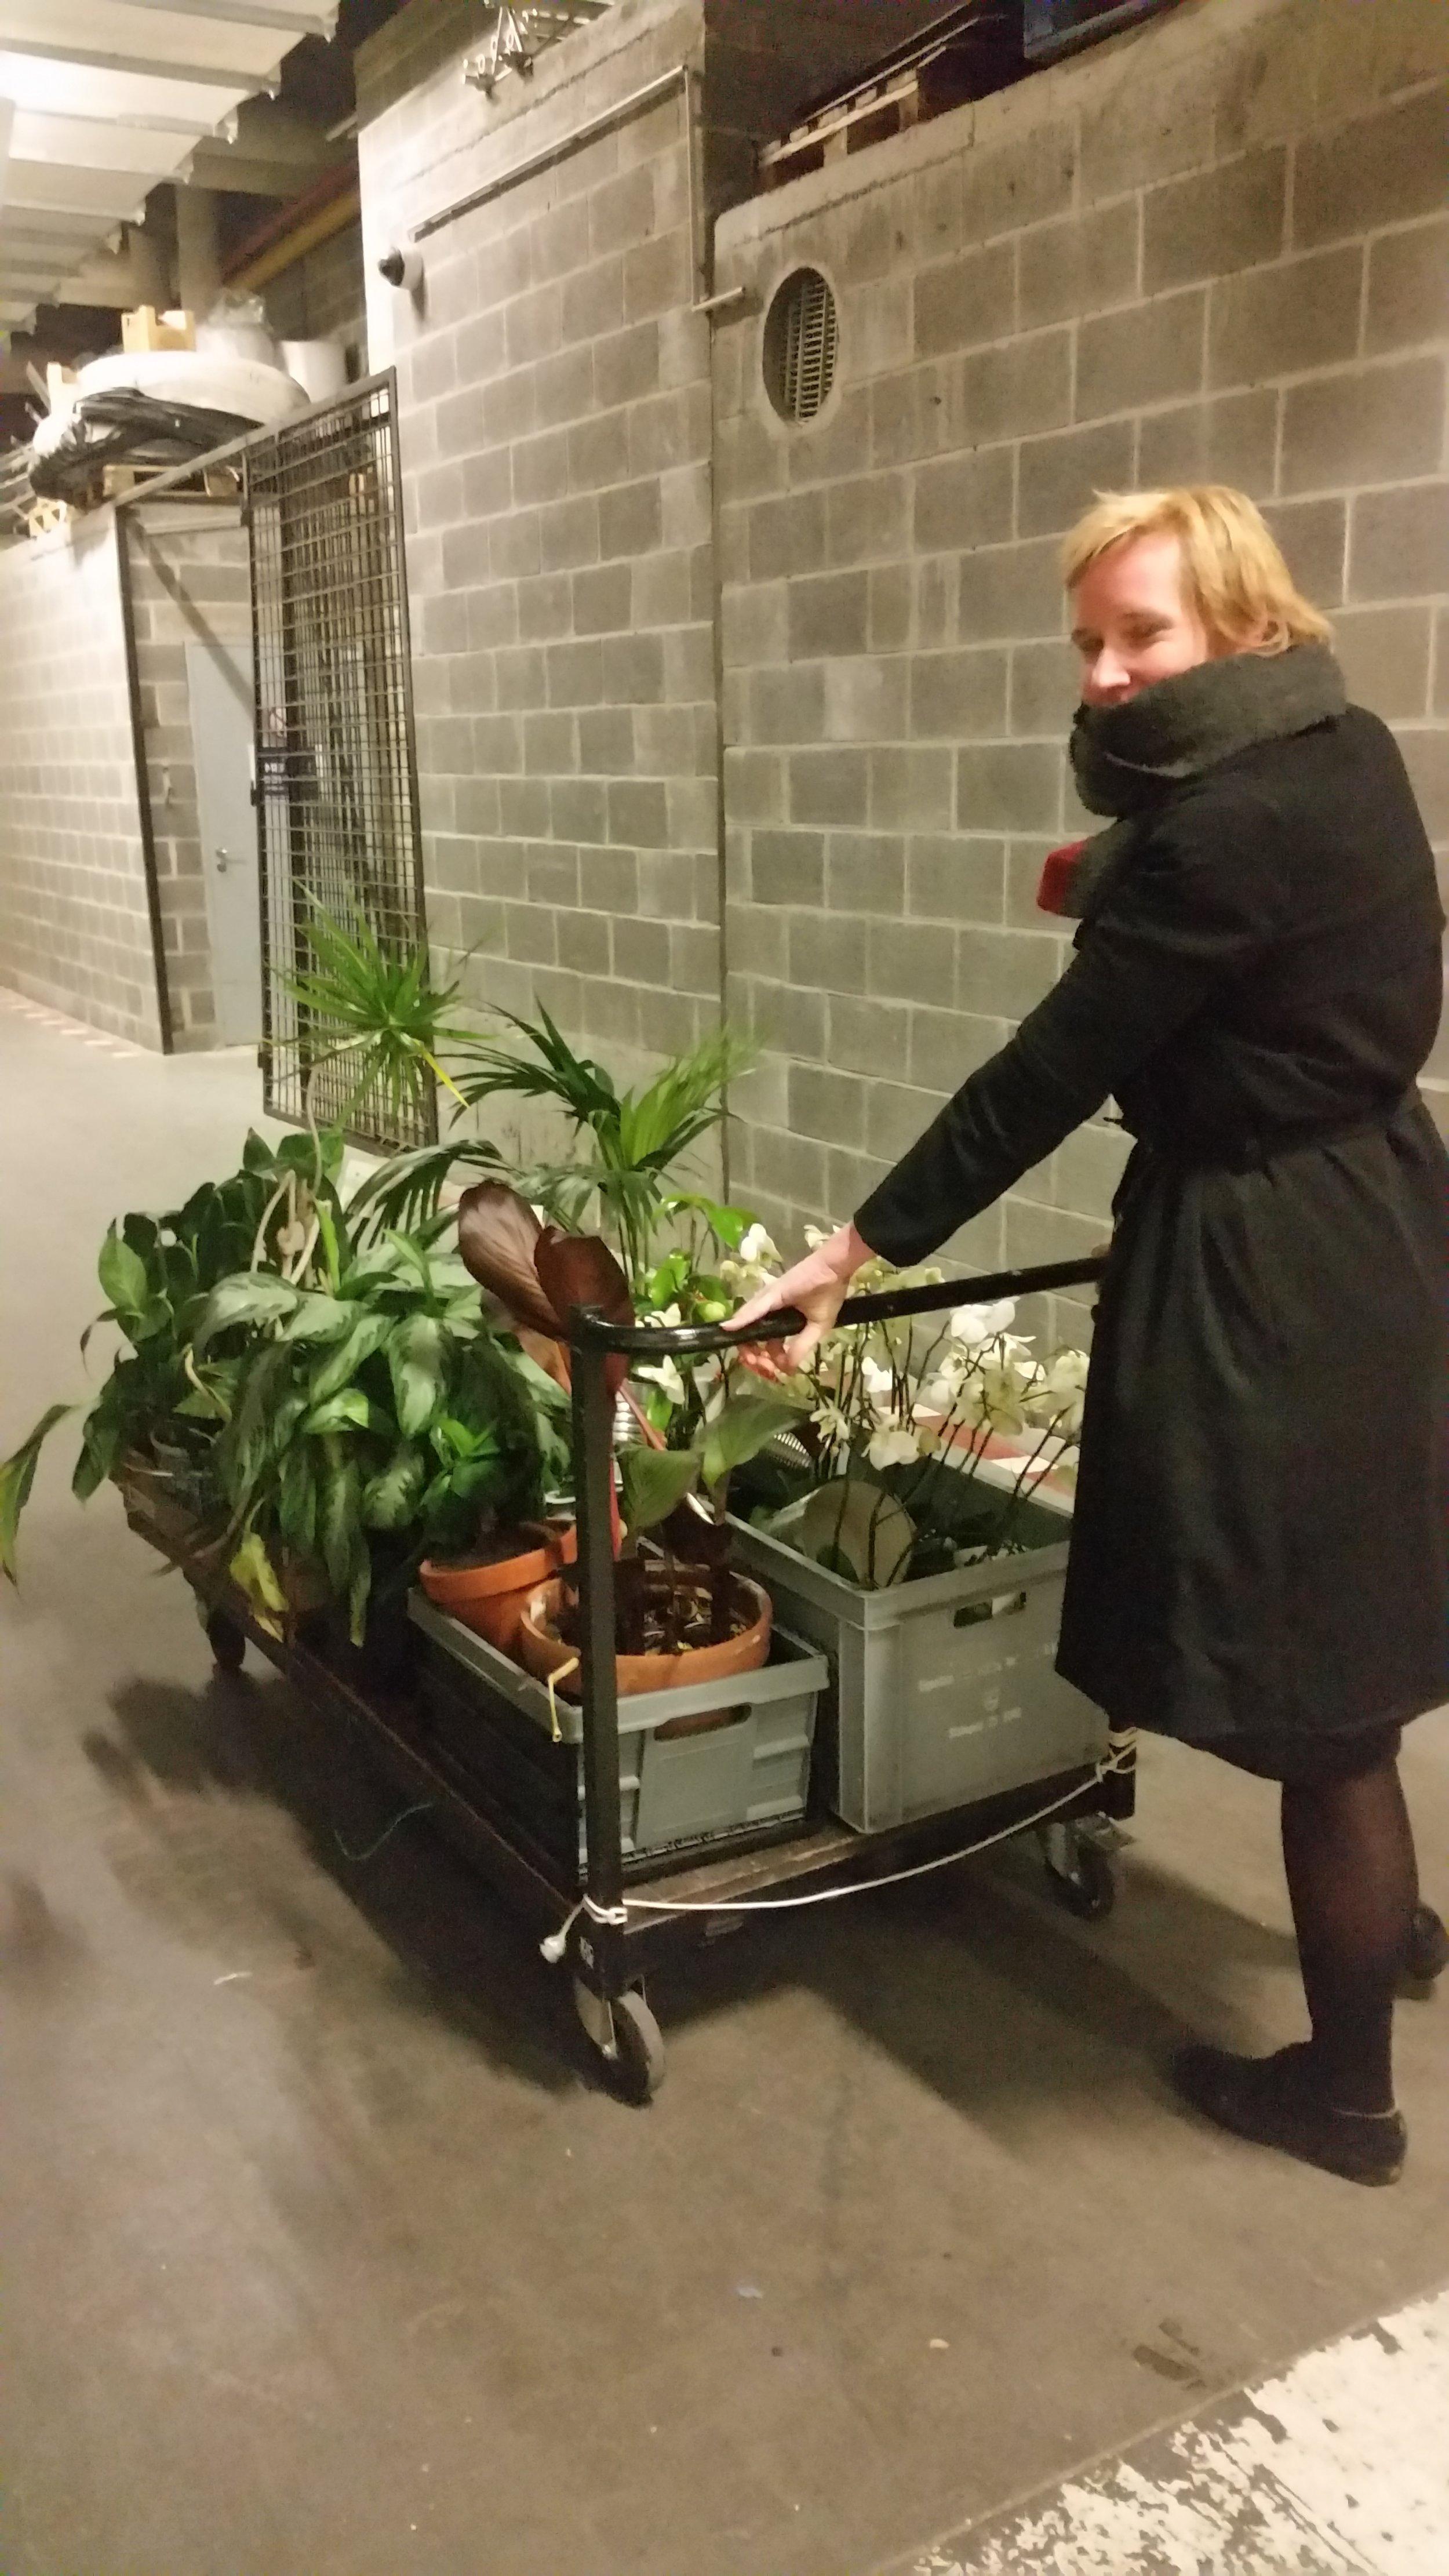 Dékache-pot Het depot voor Verwaarloosde en Overbodige Kamerplanten - Van in het begin een plezier om met de dames van Dékache-pot samen te knutselen, fantaseren en workshops te geven. http://dekachepot.blogspot.com/